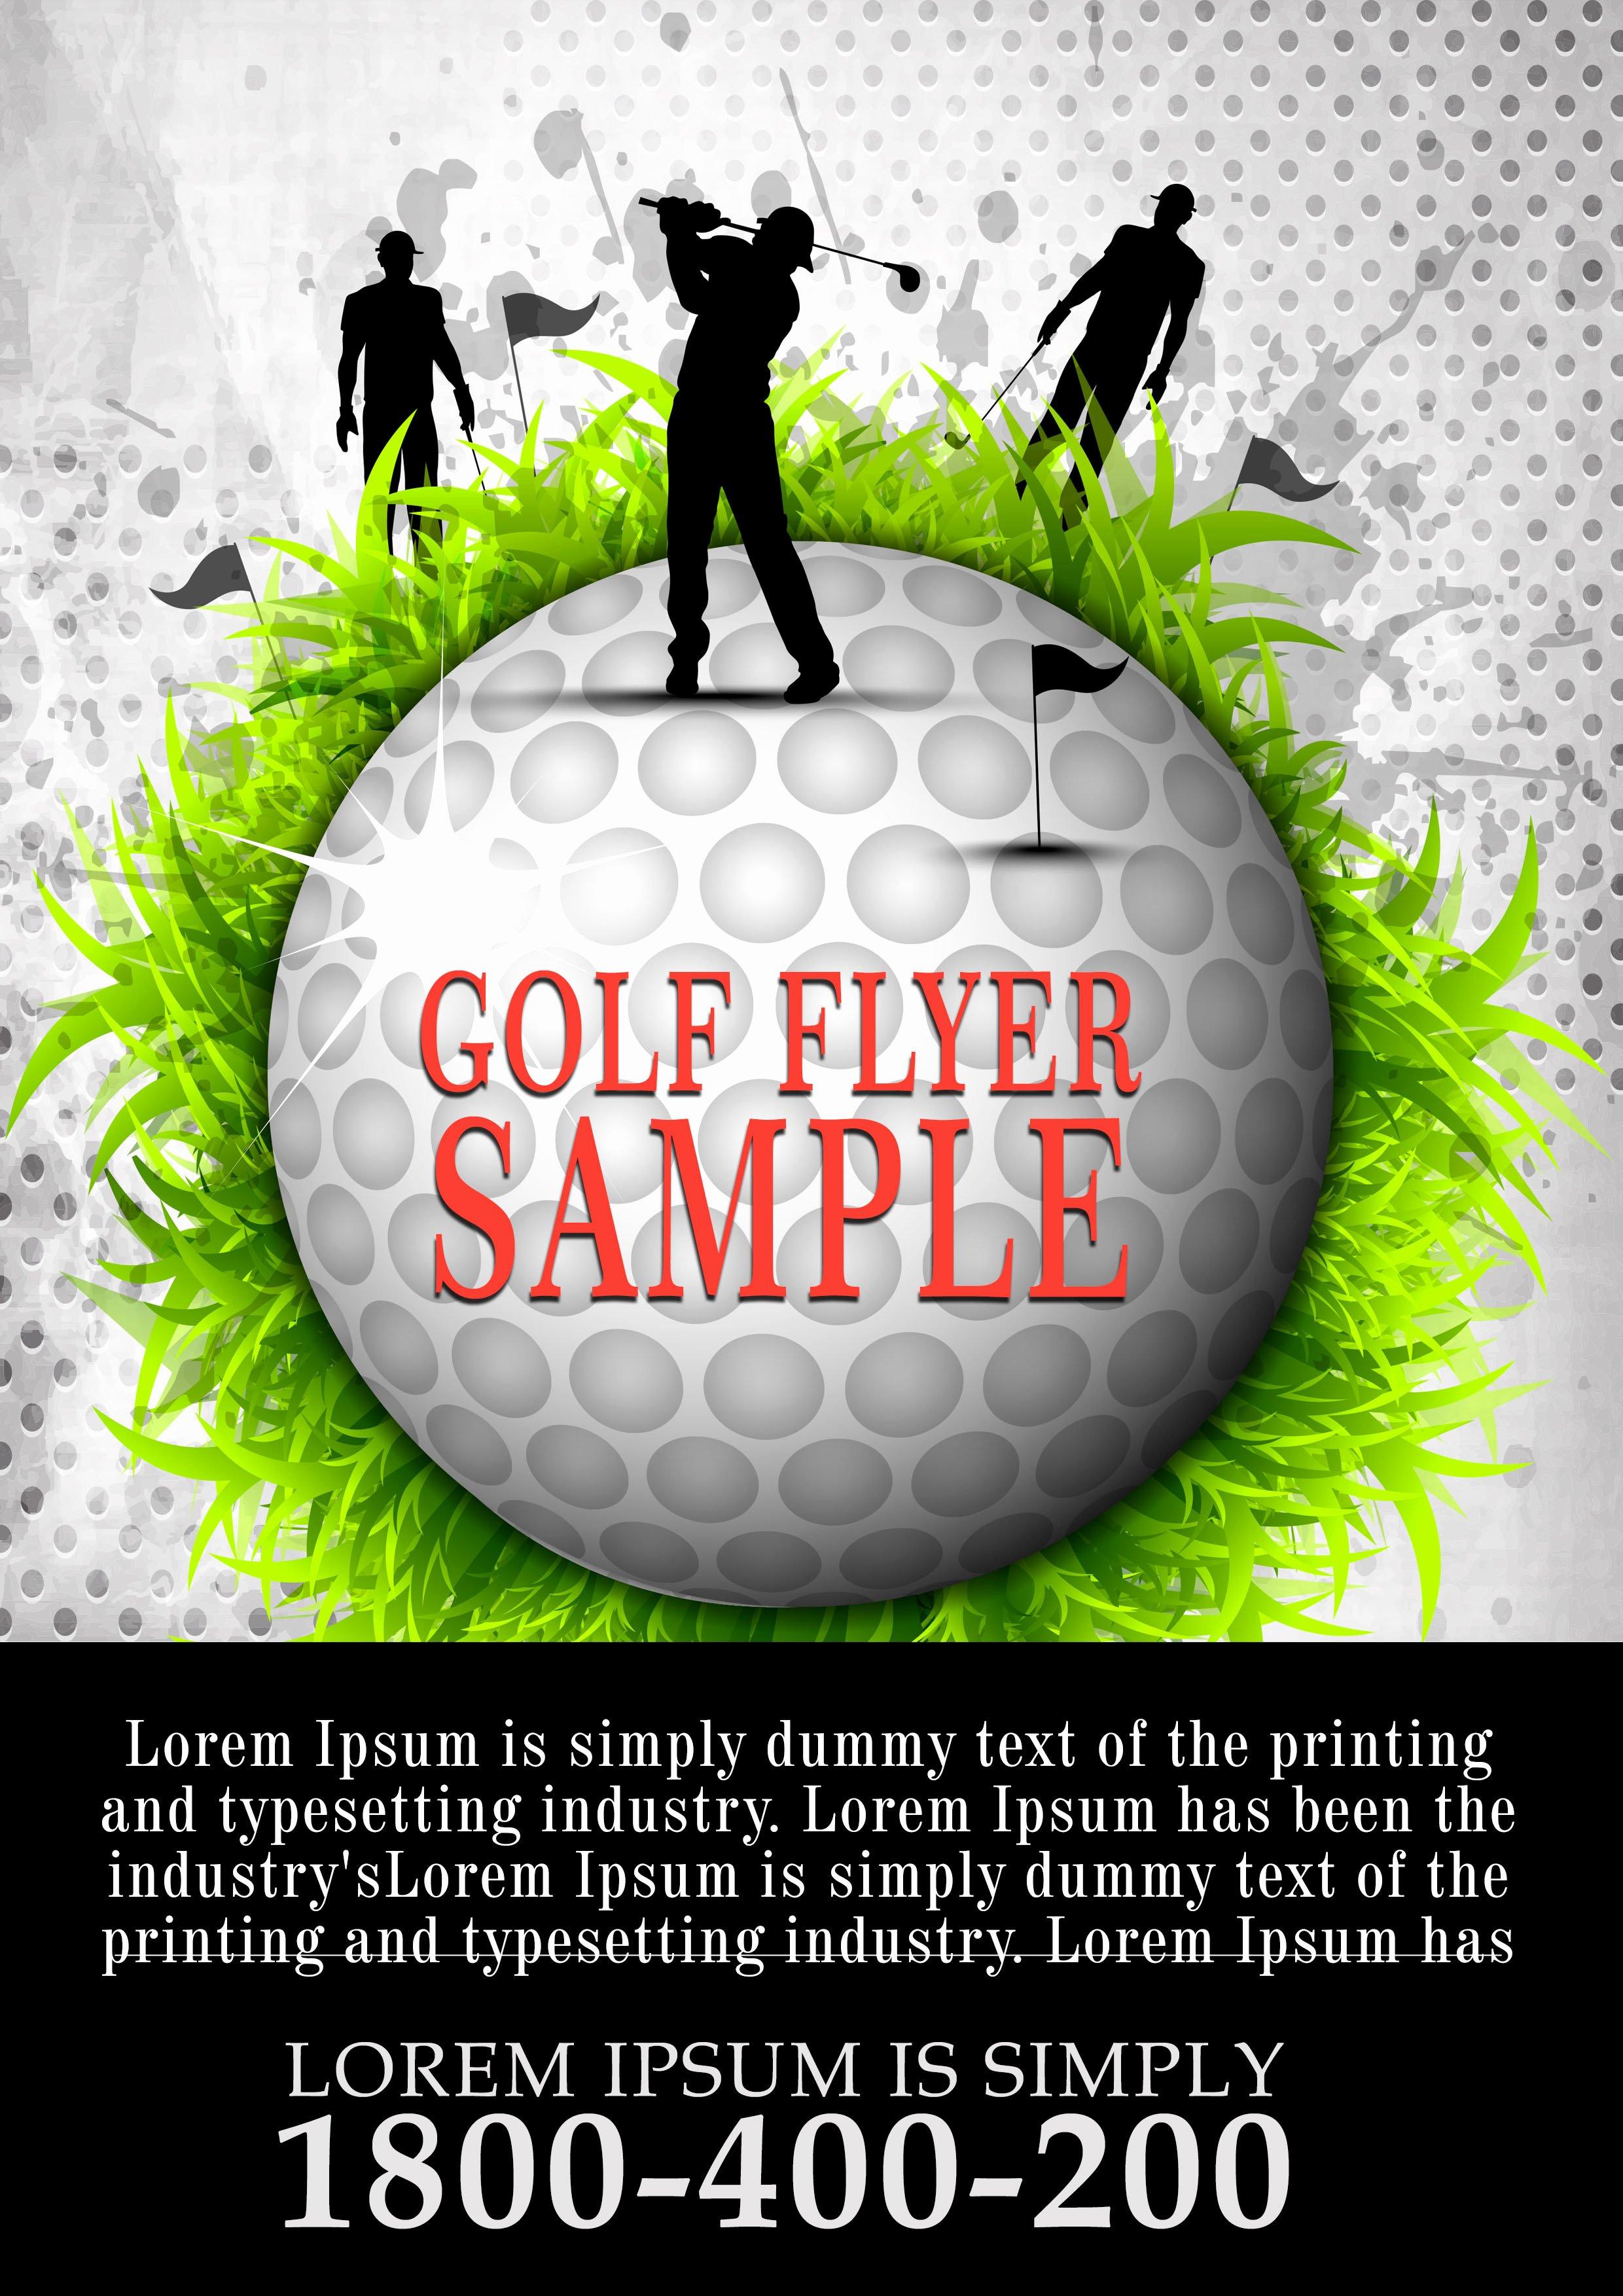 Golf tournament Flyer Template Unique 15 Free Golf tournament Flyer Templates Fundraiser